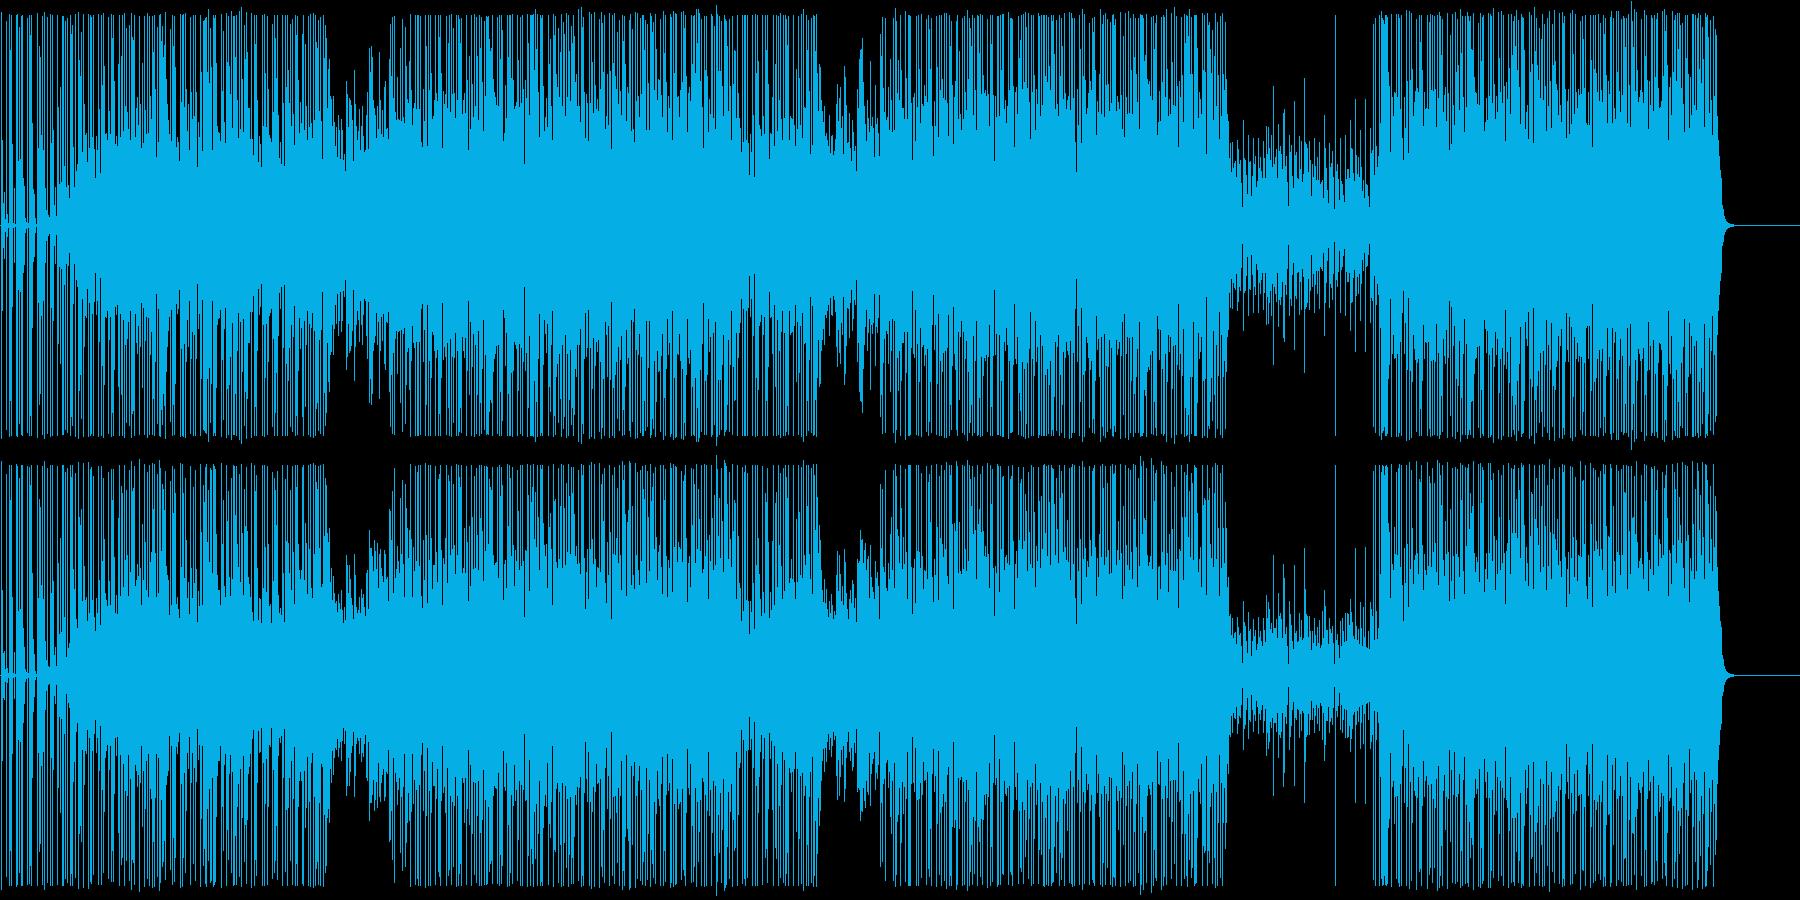 ピアノヒップホップ/ダーク/ビート/#1の再生済みの波形